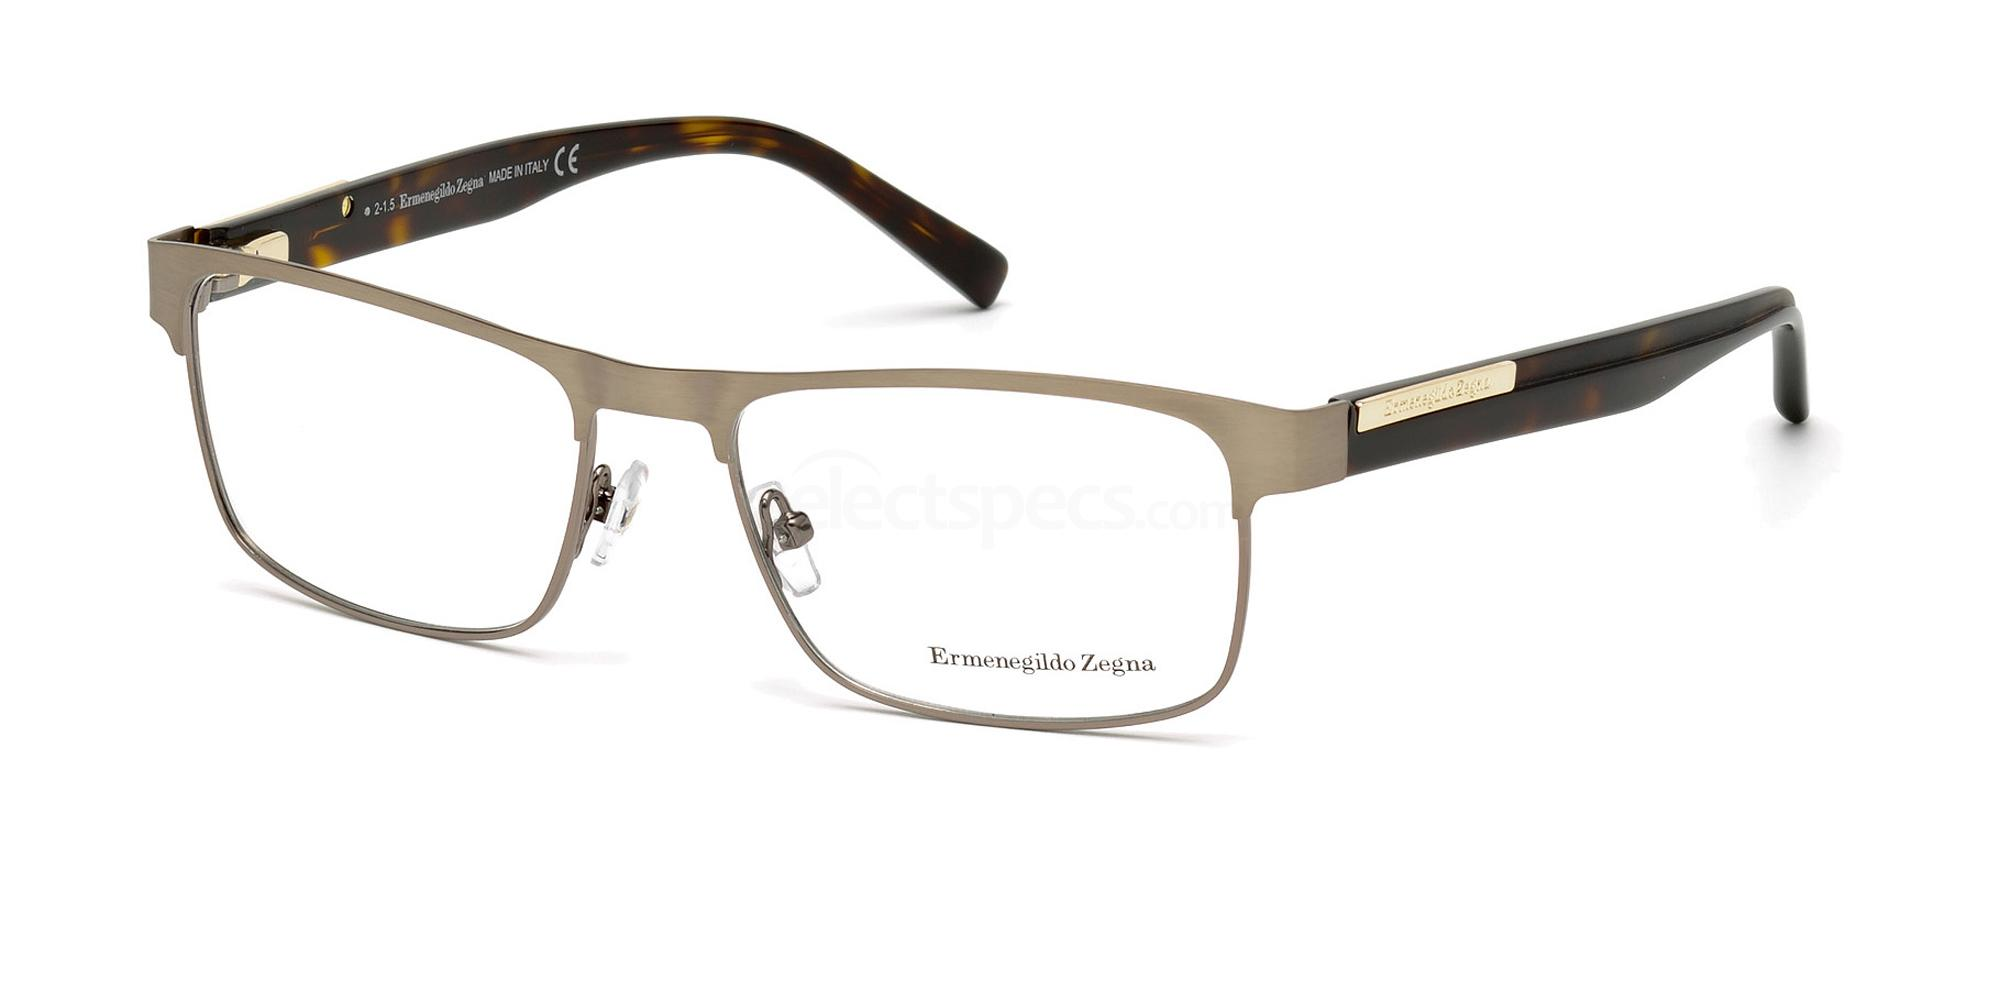 034 EZ5031 Glasses, Ermenegildo Zegna